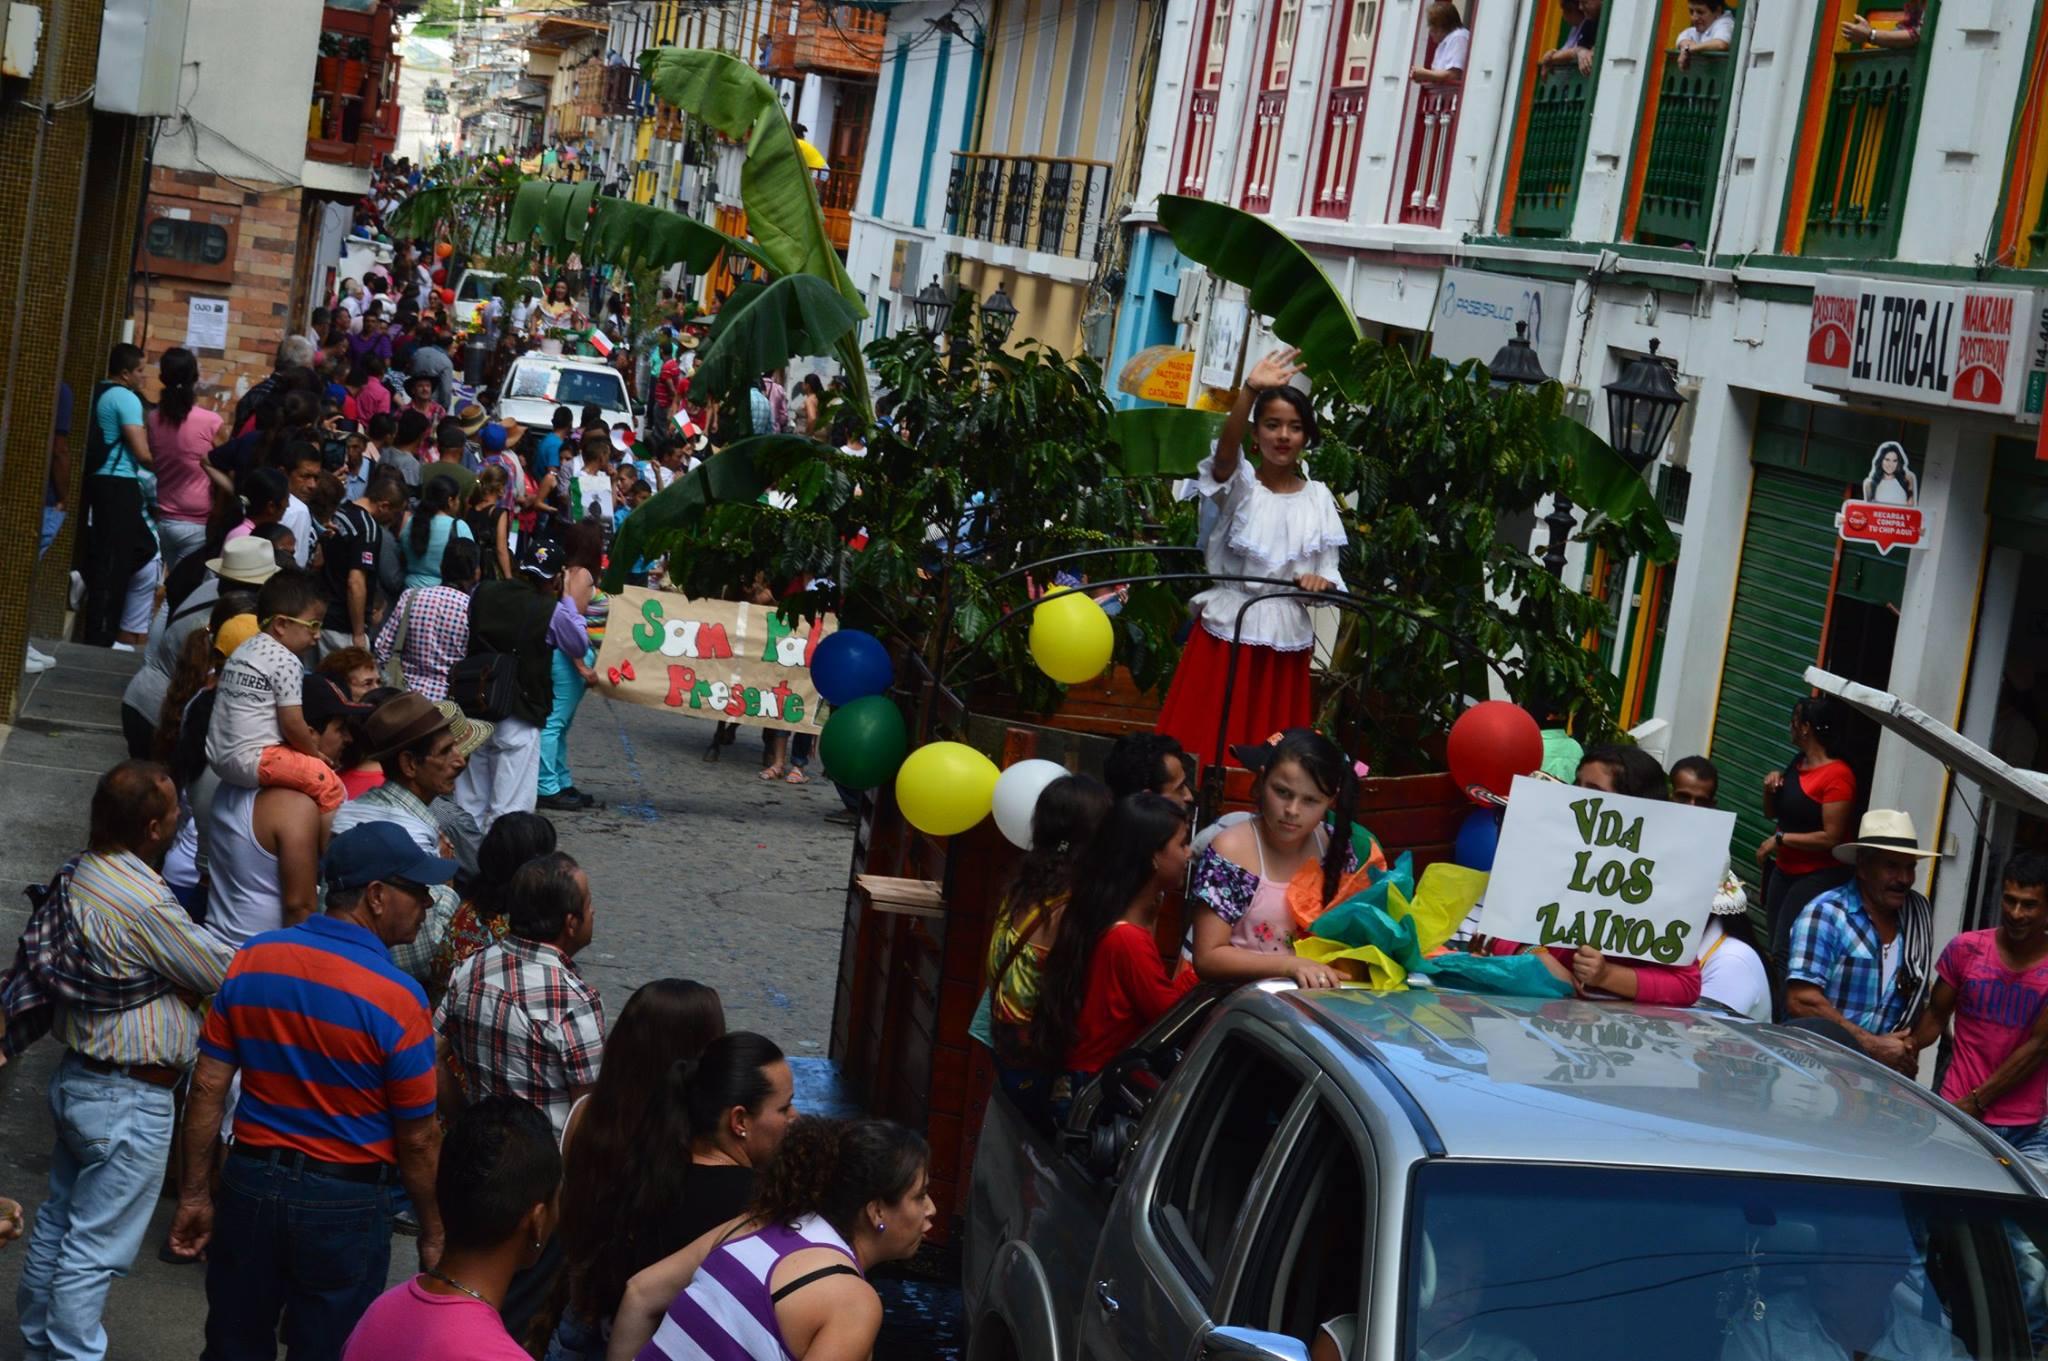 Neira Caldas celebra el 200716W